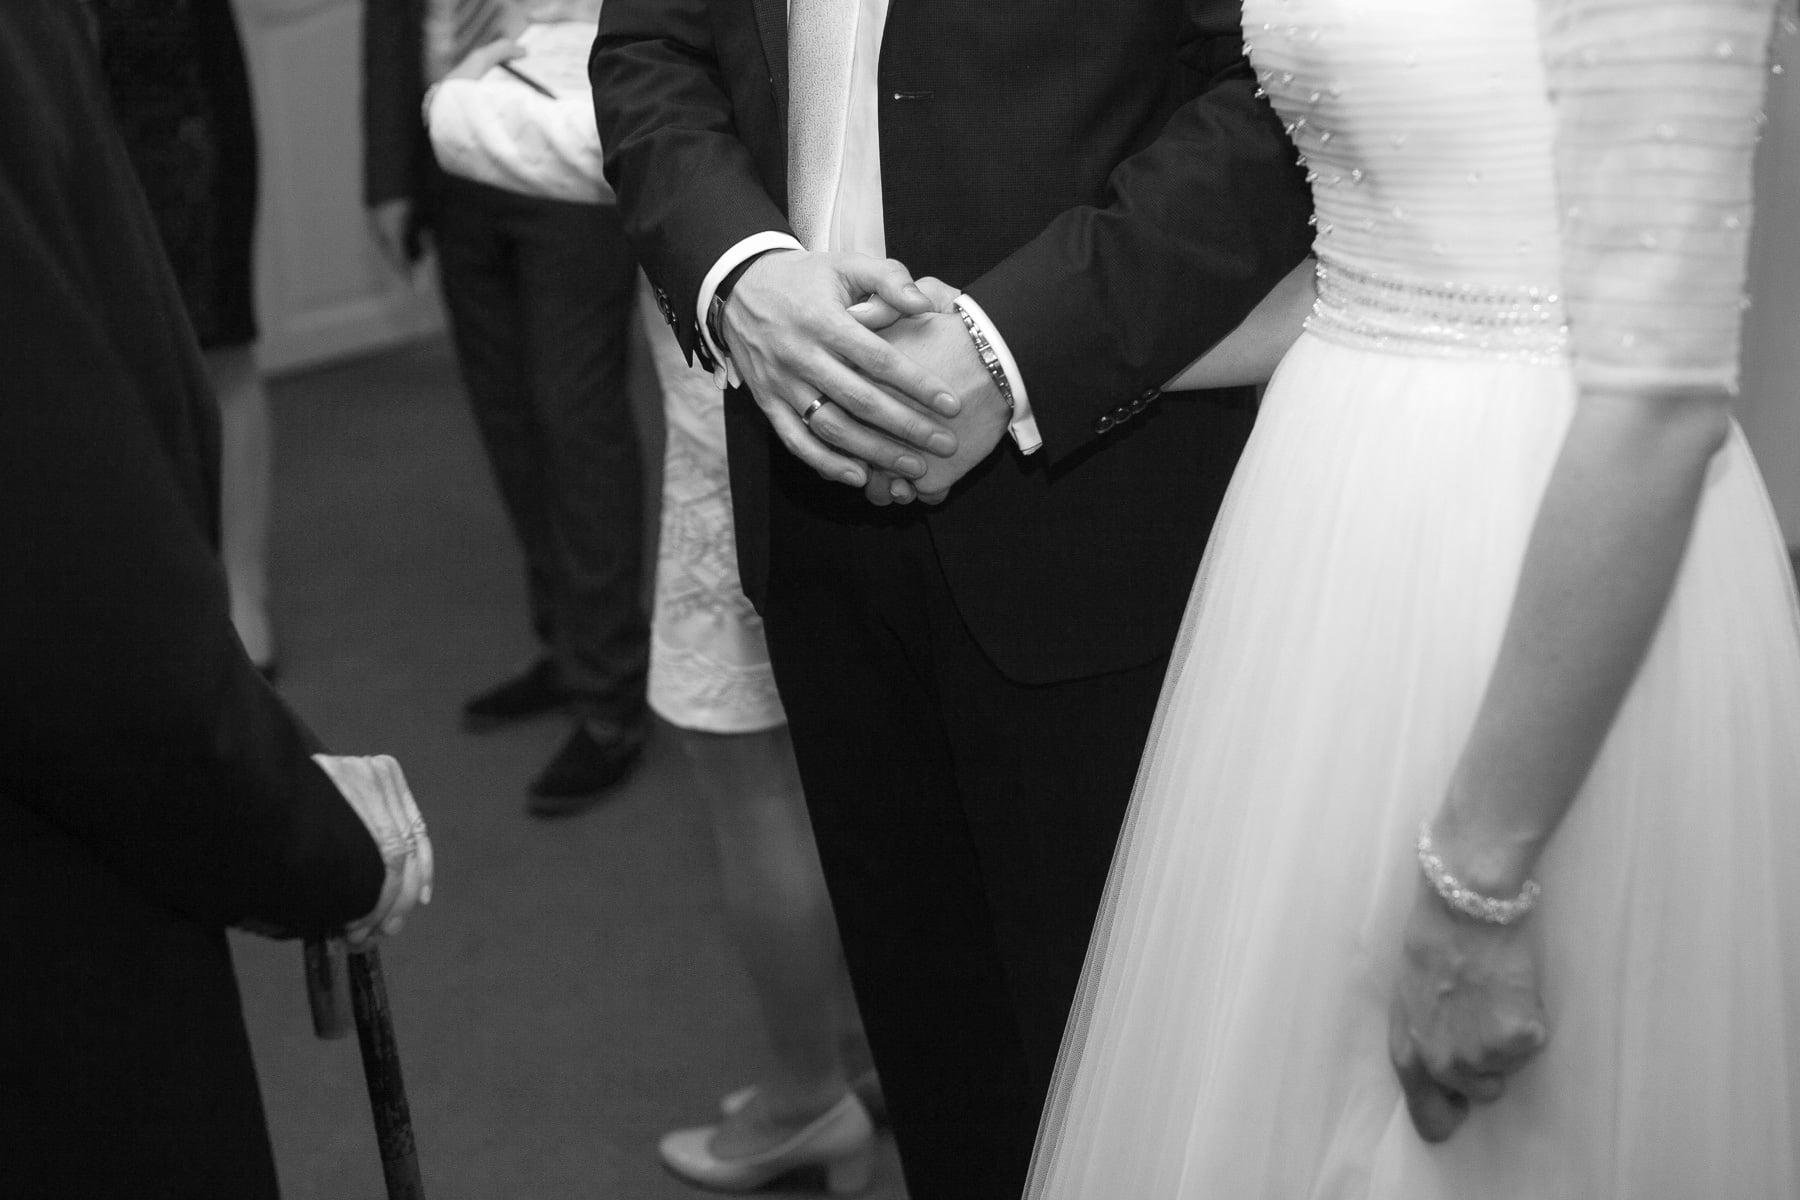 fotograf slub bielsko biala ania maciej 119 - Ślub w Bielsku-Białej - ANIA & MACIEJ